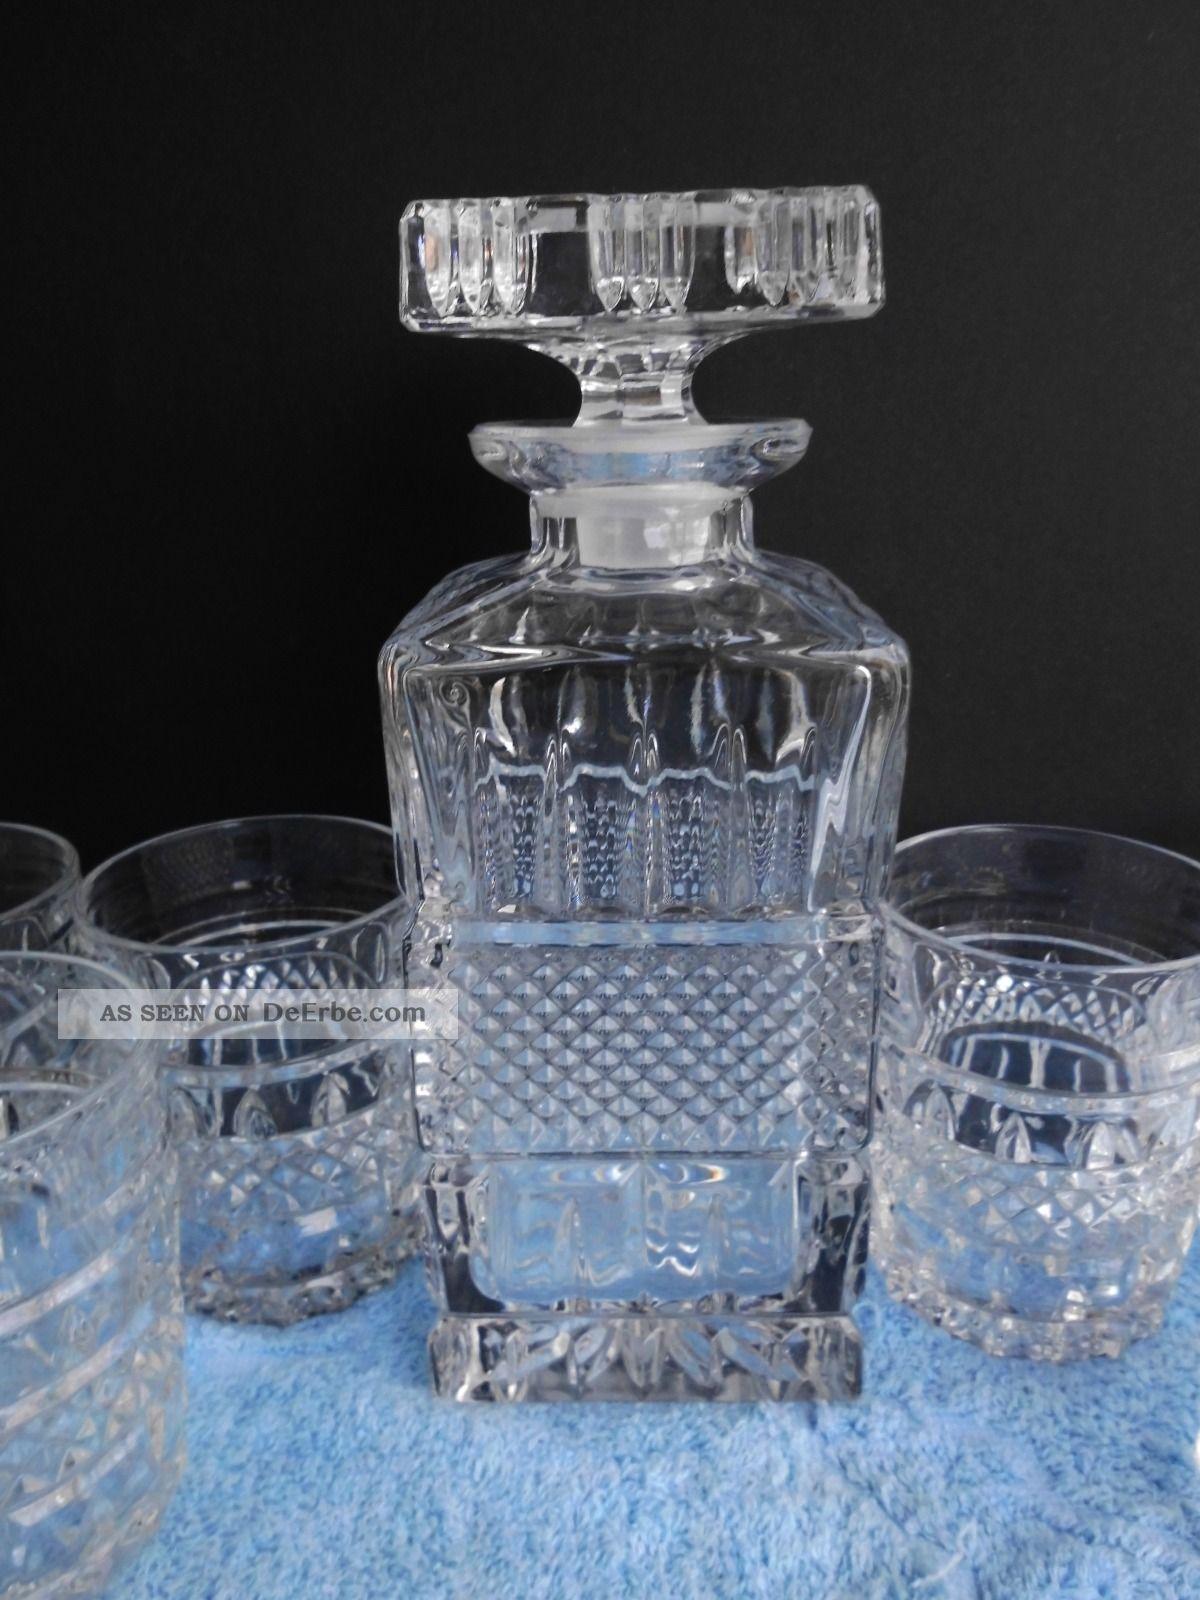 glas kristall bleikristall karaffe whiskykaraffe whisky glas gl ser whiskyglas. Black Bedroom Furniture Sets. Home Design Ideas